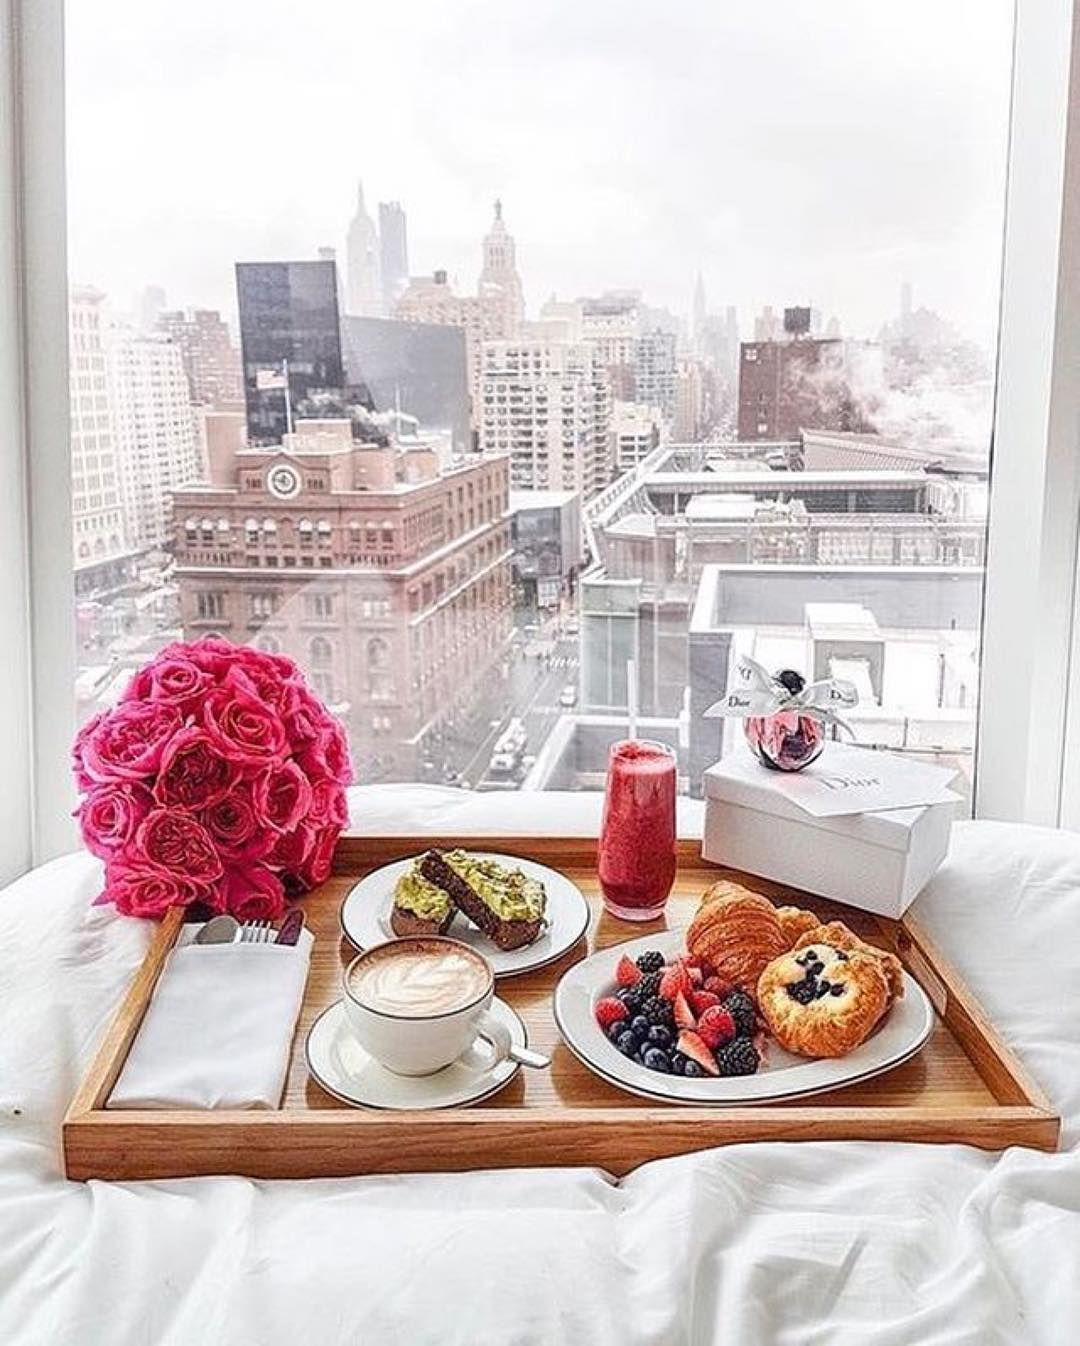 Instagram Breakfast In Bed Breakfast Skyline View